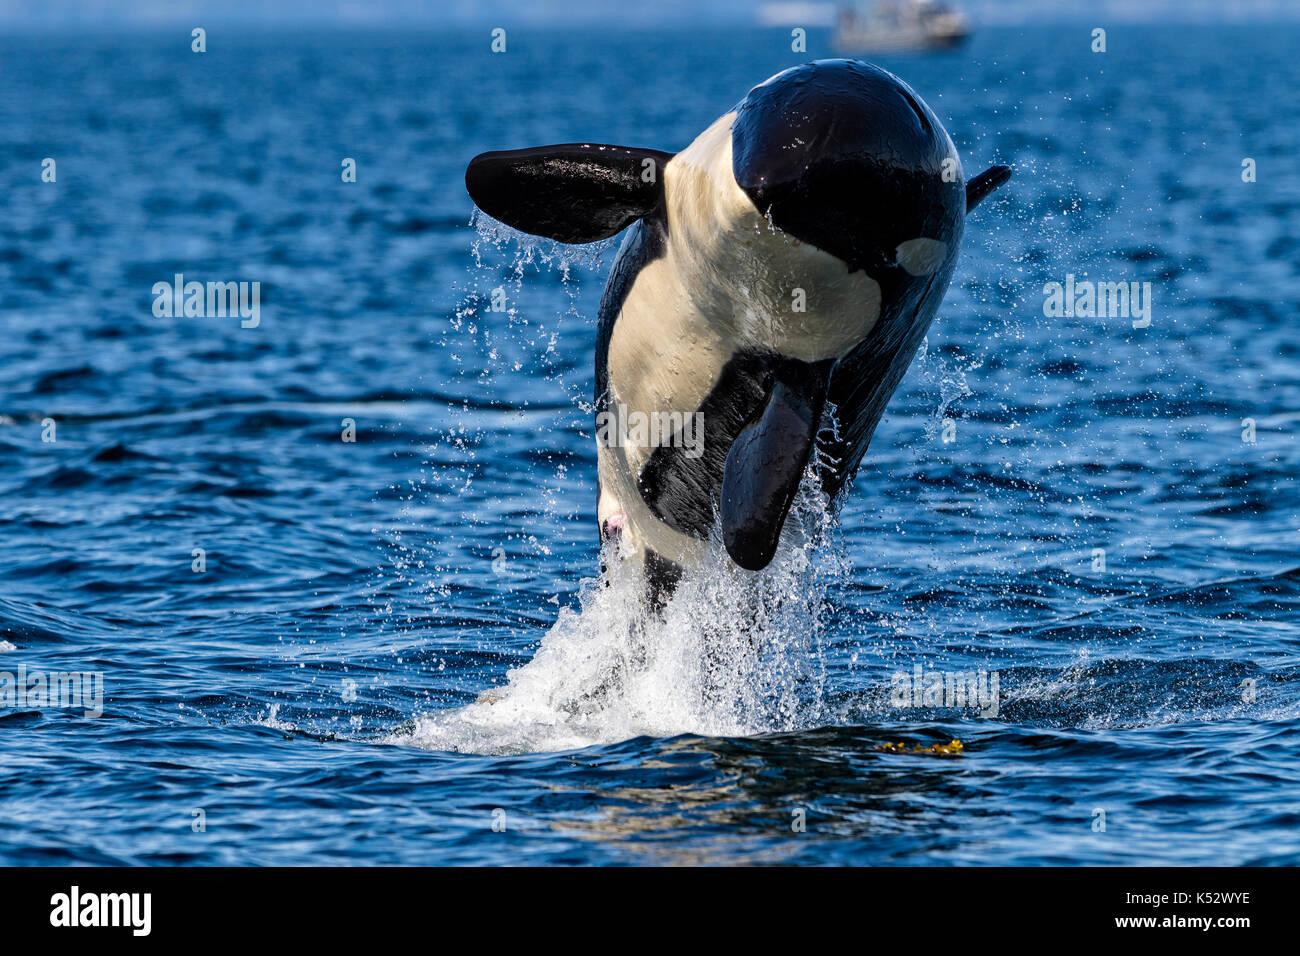 Nördlichen Bewohner killeer Wal vor Swanson Insel aus nördlichen Vancouver Island, British Columbia, Kanada zu verletzen. Stockbild